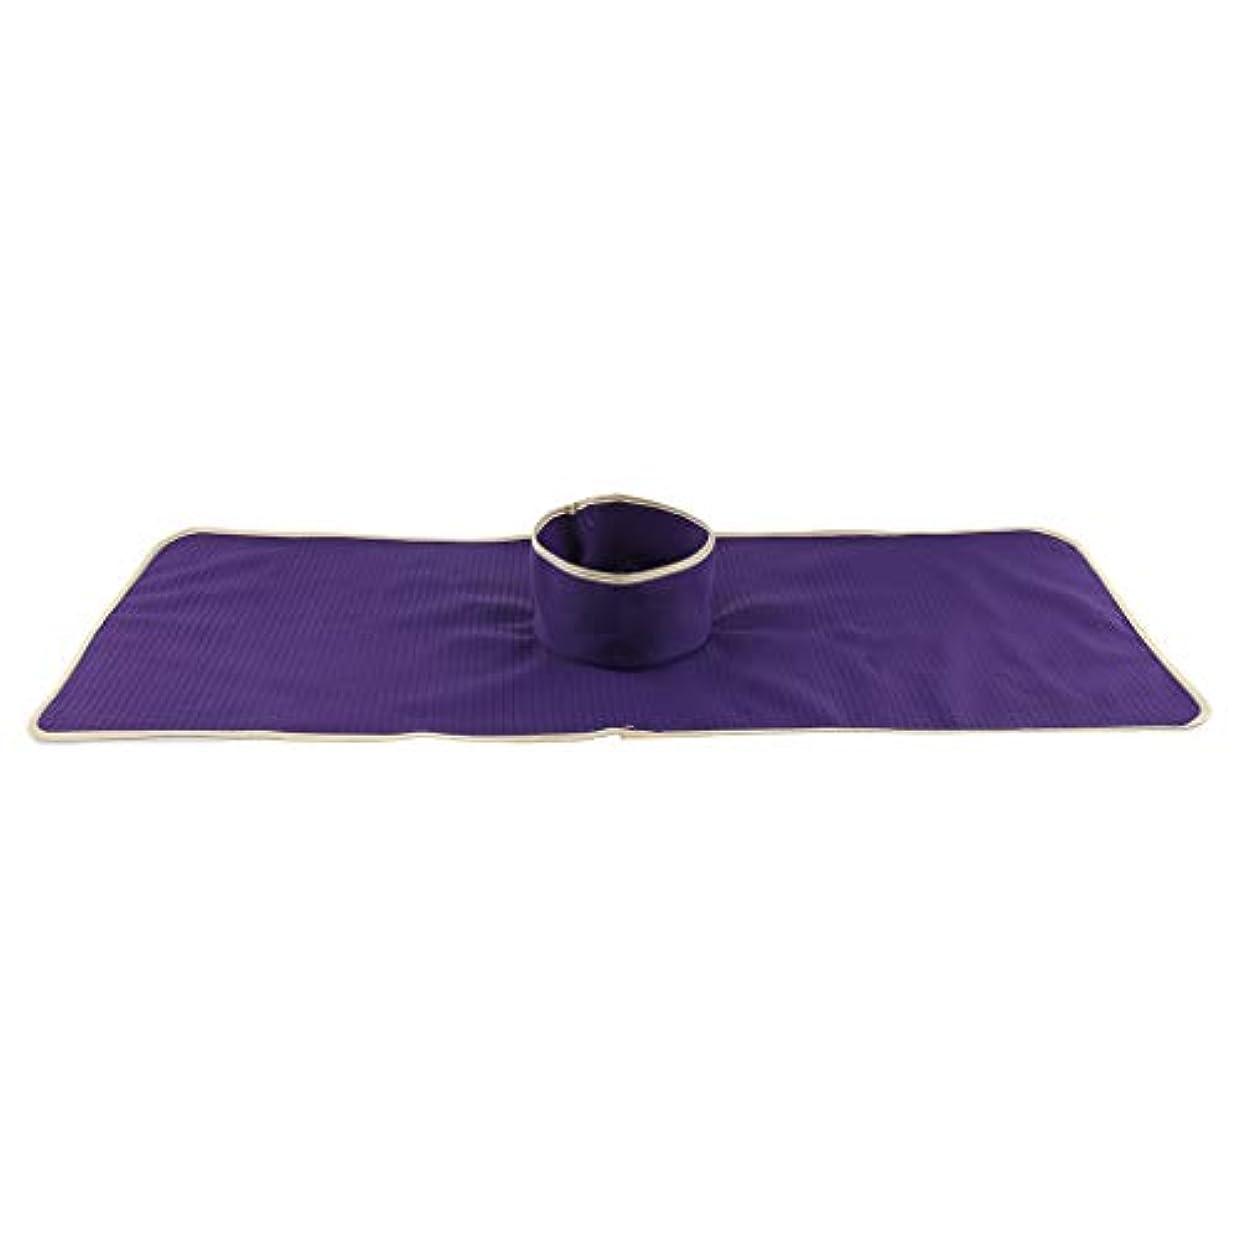 石化する包帯失望させるサロン 美容院 マッサージのベッド パッド 穴付き 洗える 約90×35cm 全3色 - 紫